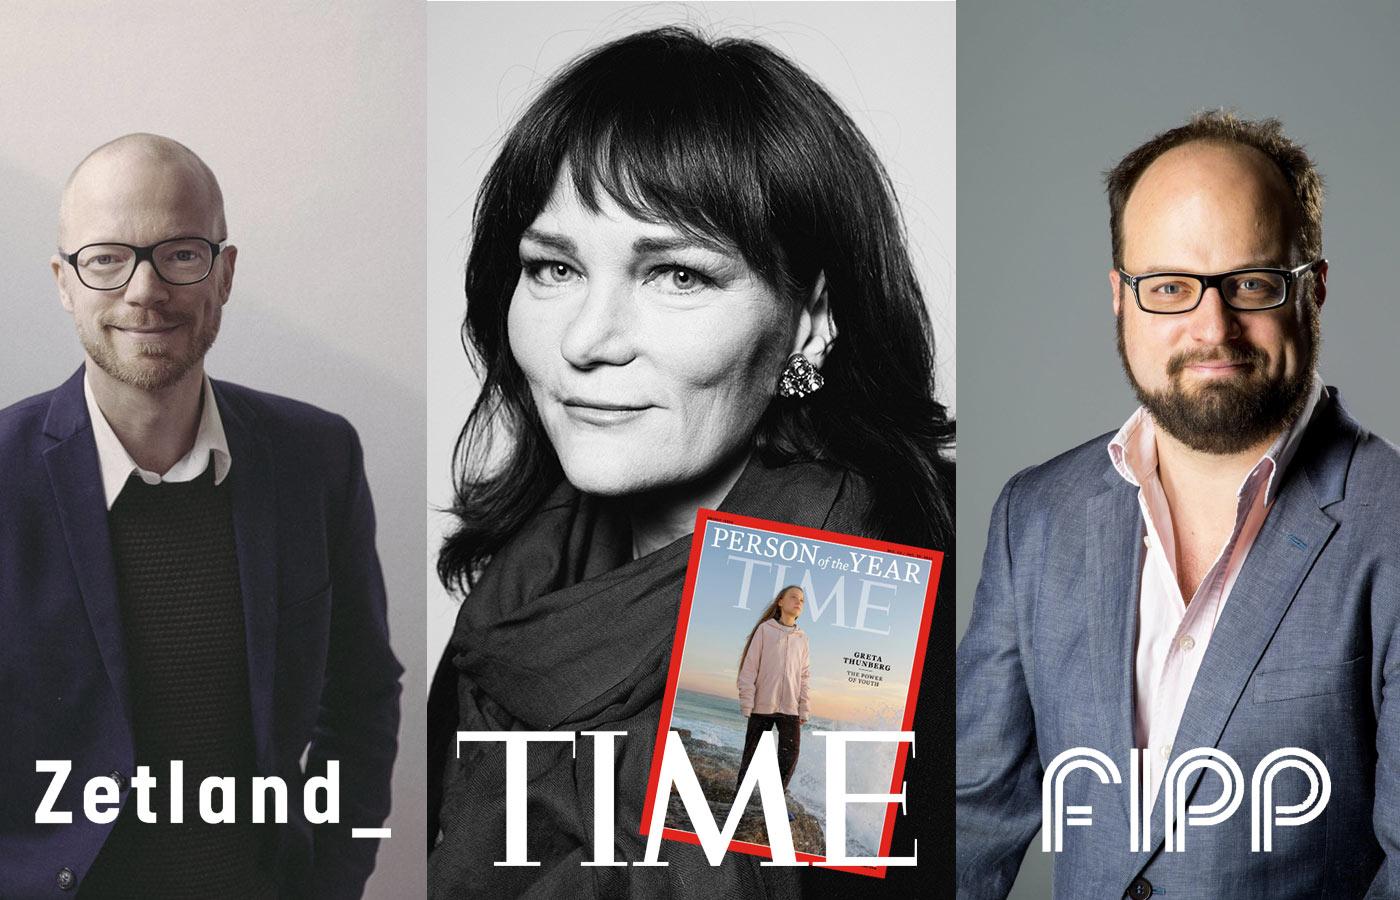 Zetland, TIME och FIPP logotyper med porträtt